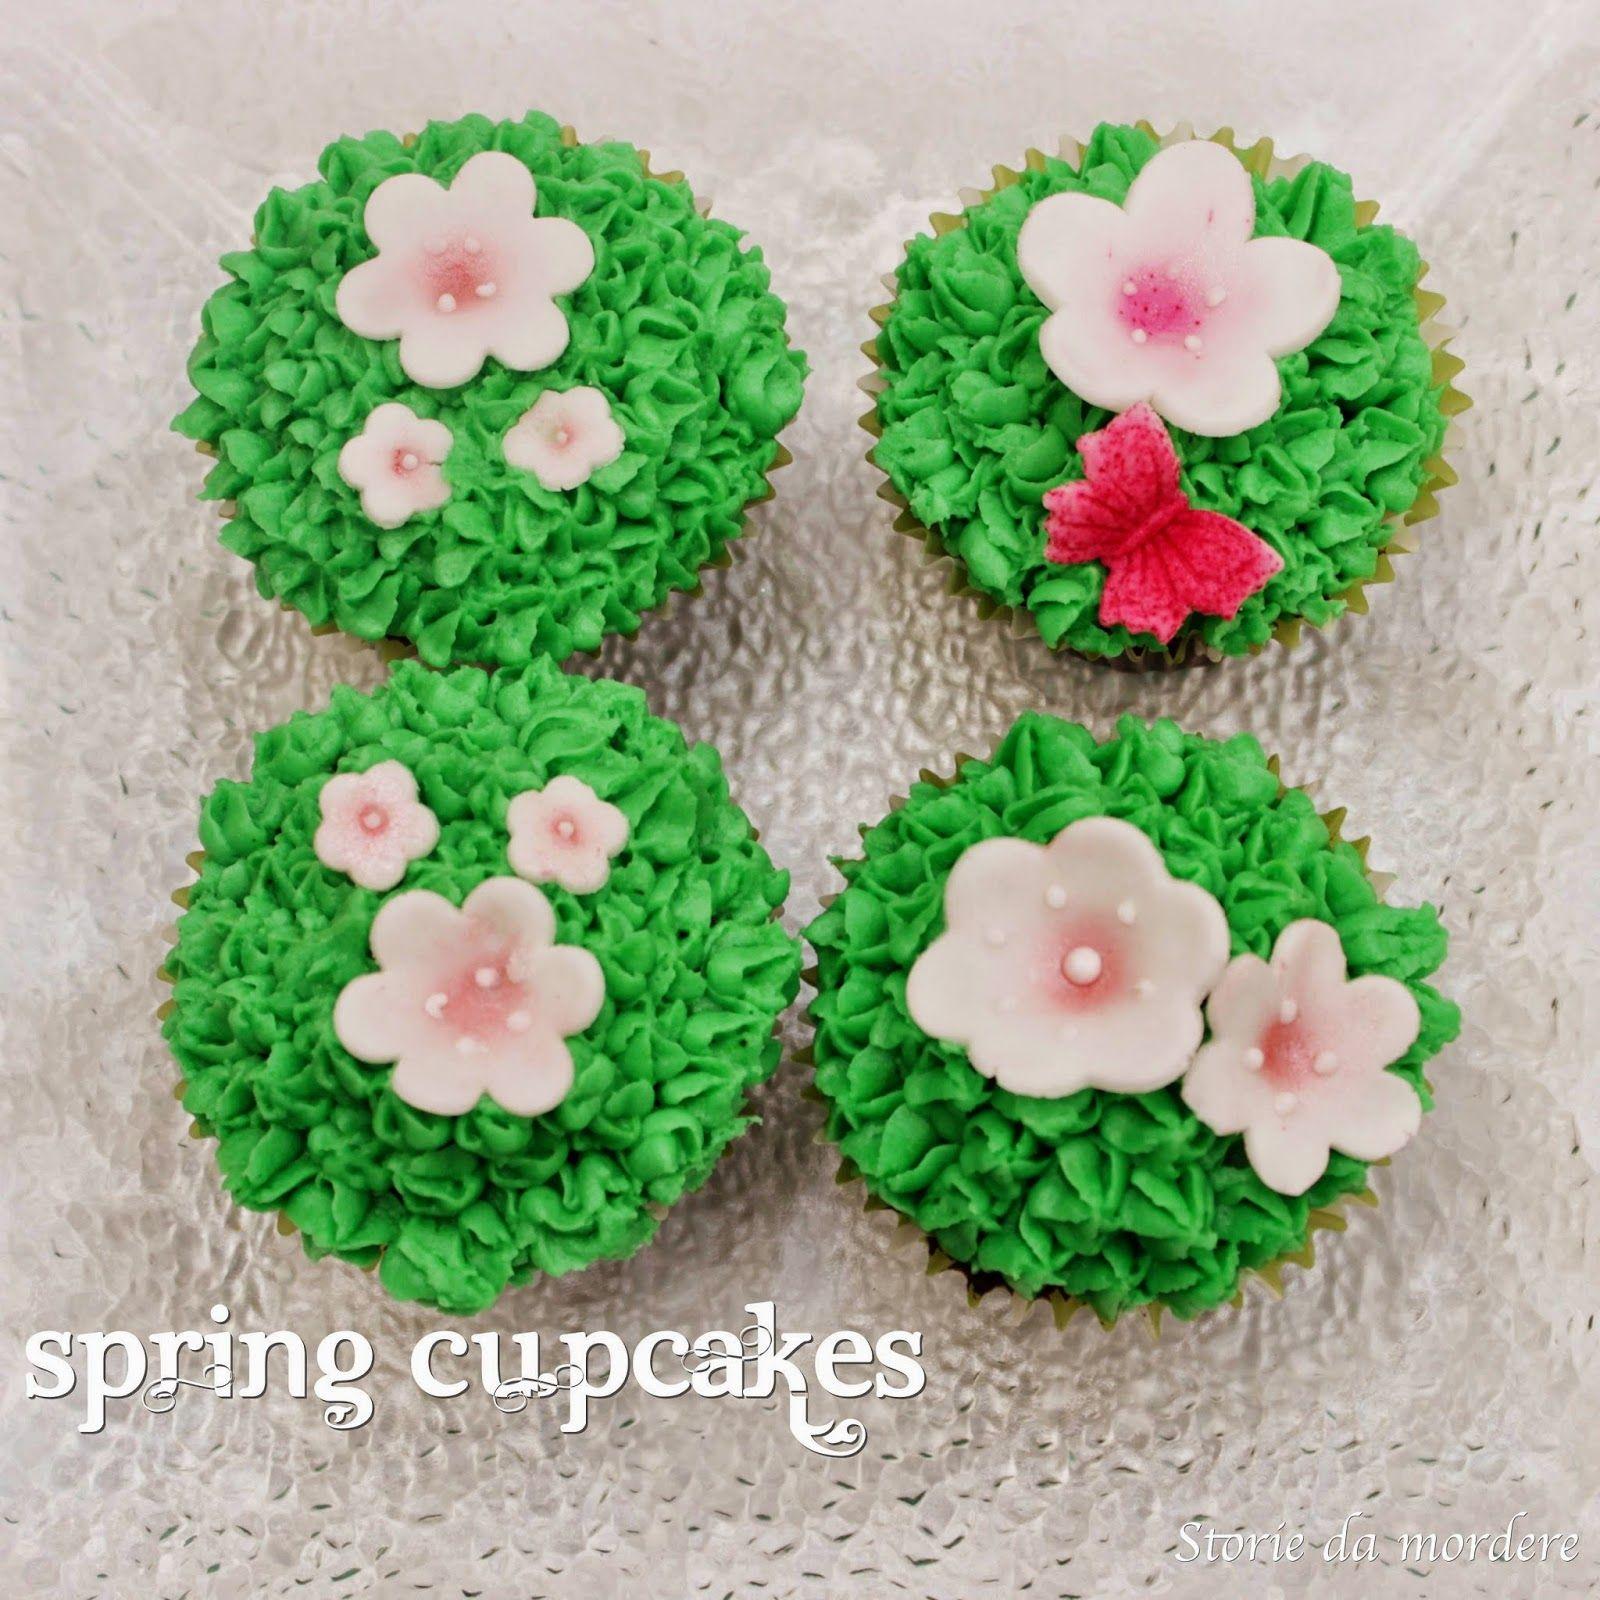 Spring chocolate cupcakes